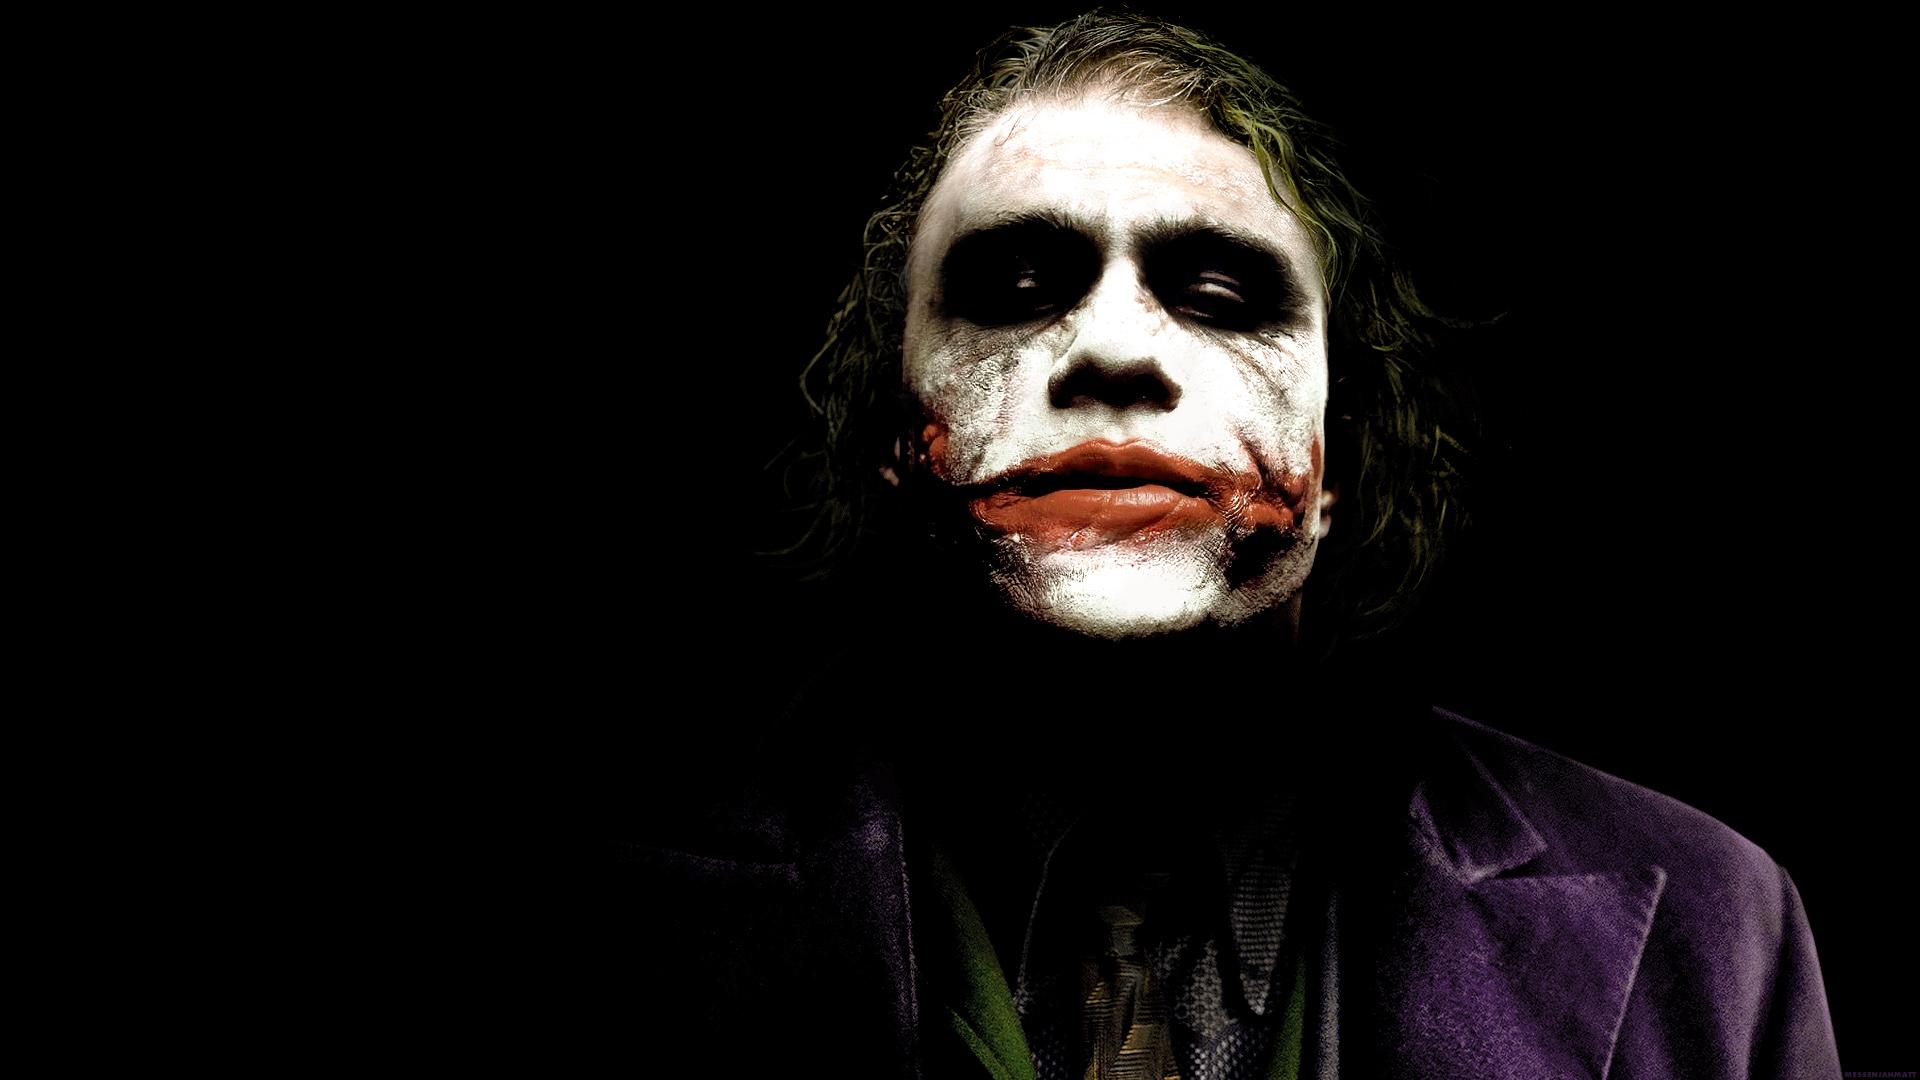 The Joker Animated Wallpaper   wallpaper 1920x1080